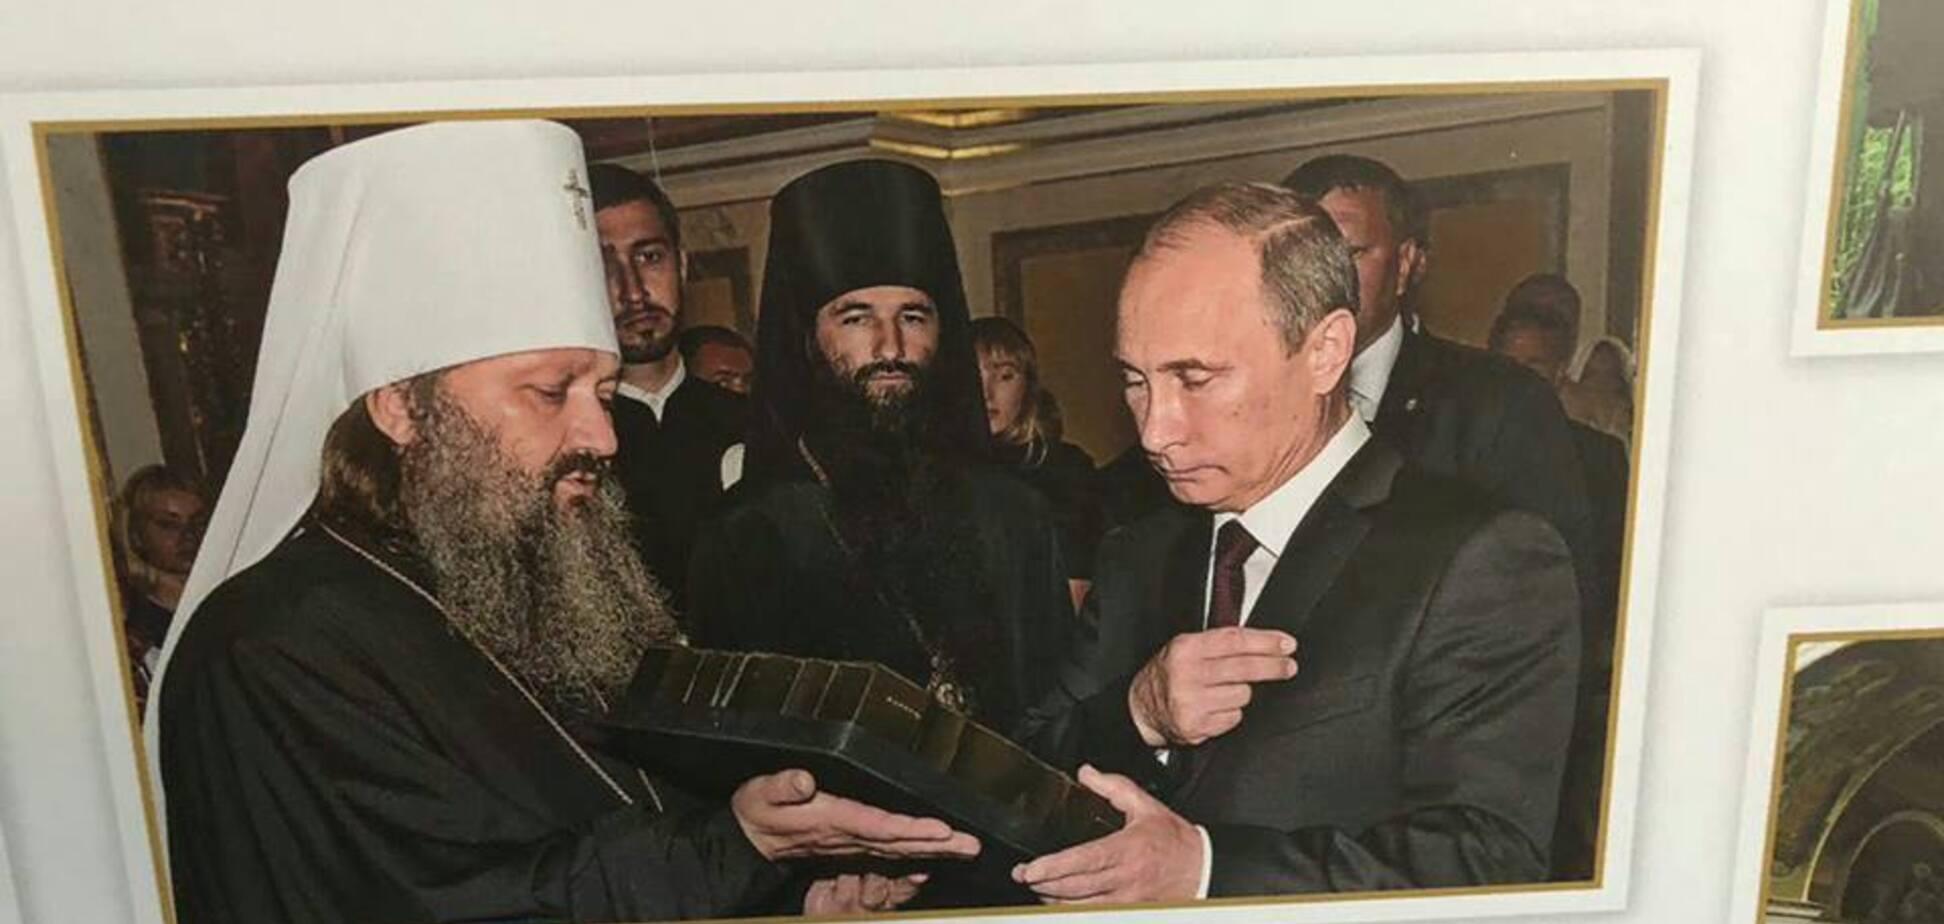 В С14 сказали, что стало с фото Путина в Киево-Печерской лавре